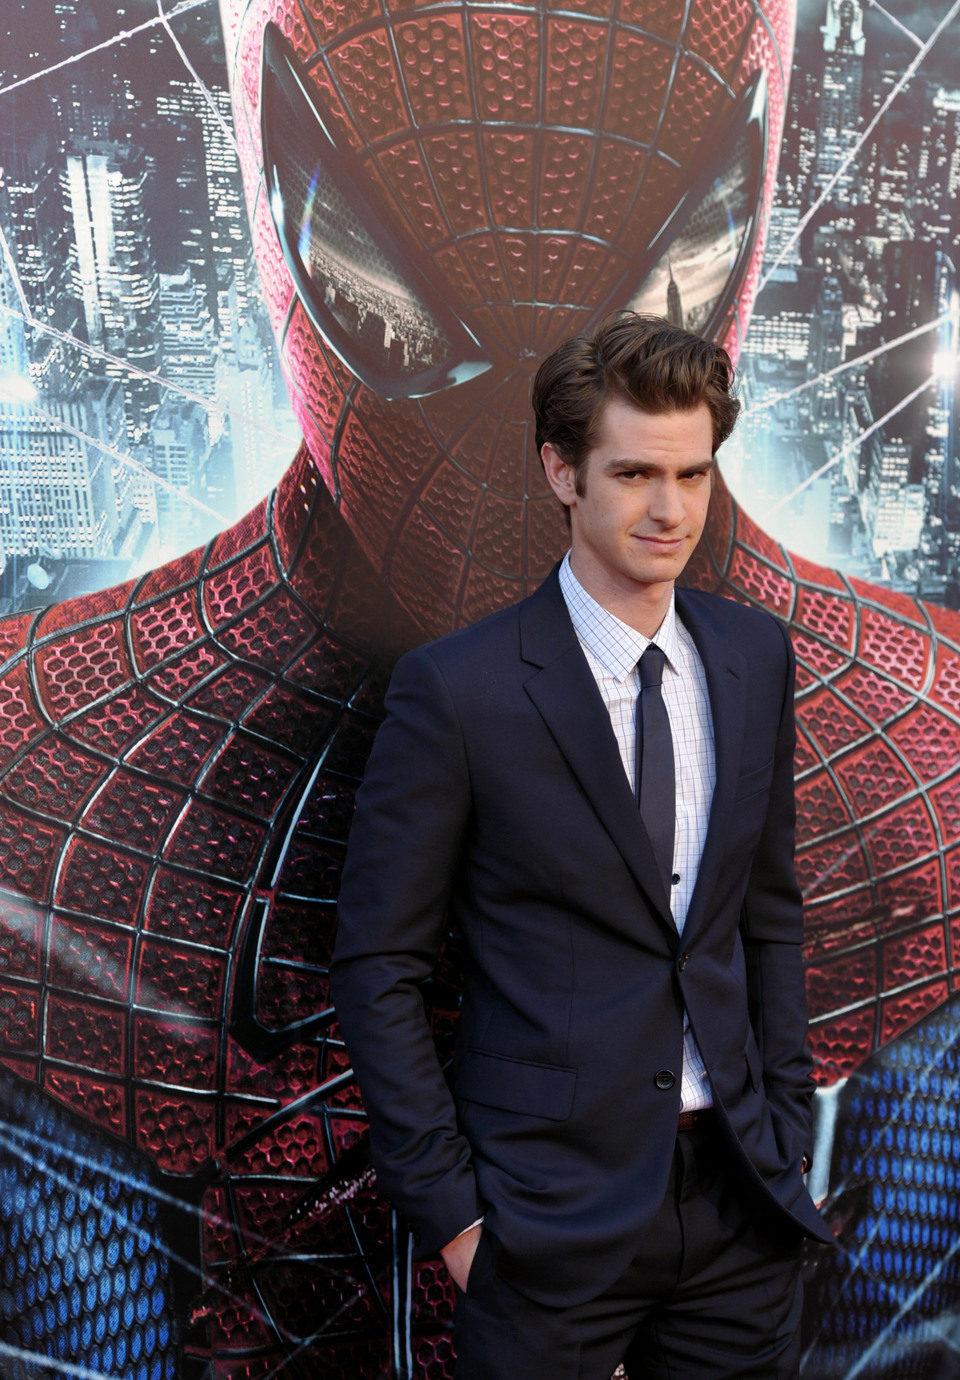 Andrew Garfield en la premiére 'The Amazing Spider-Man' en Los Angeles